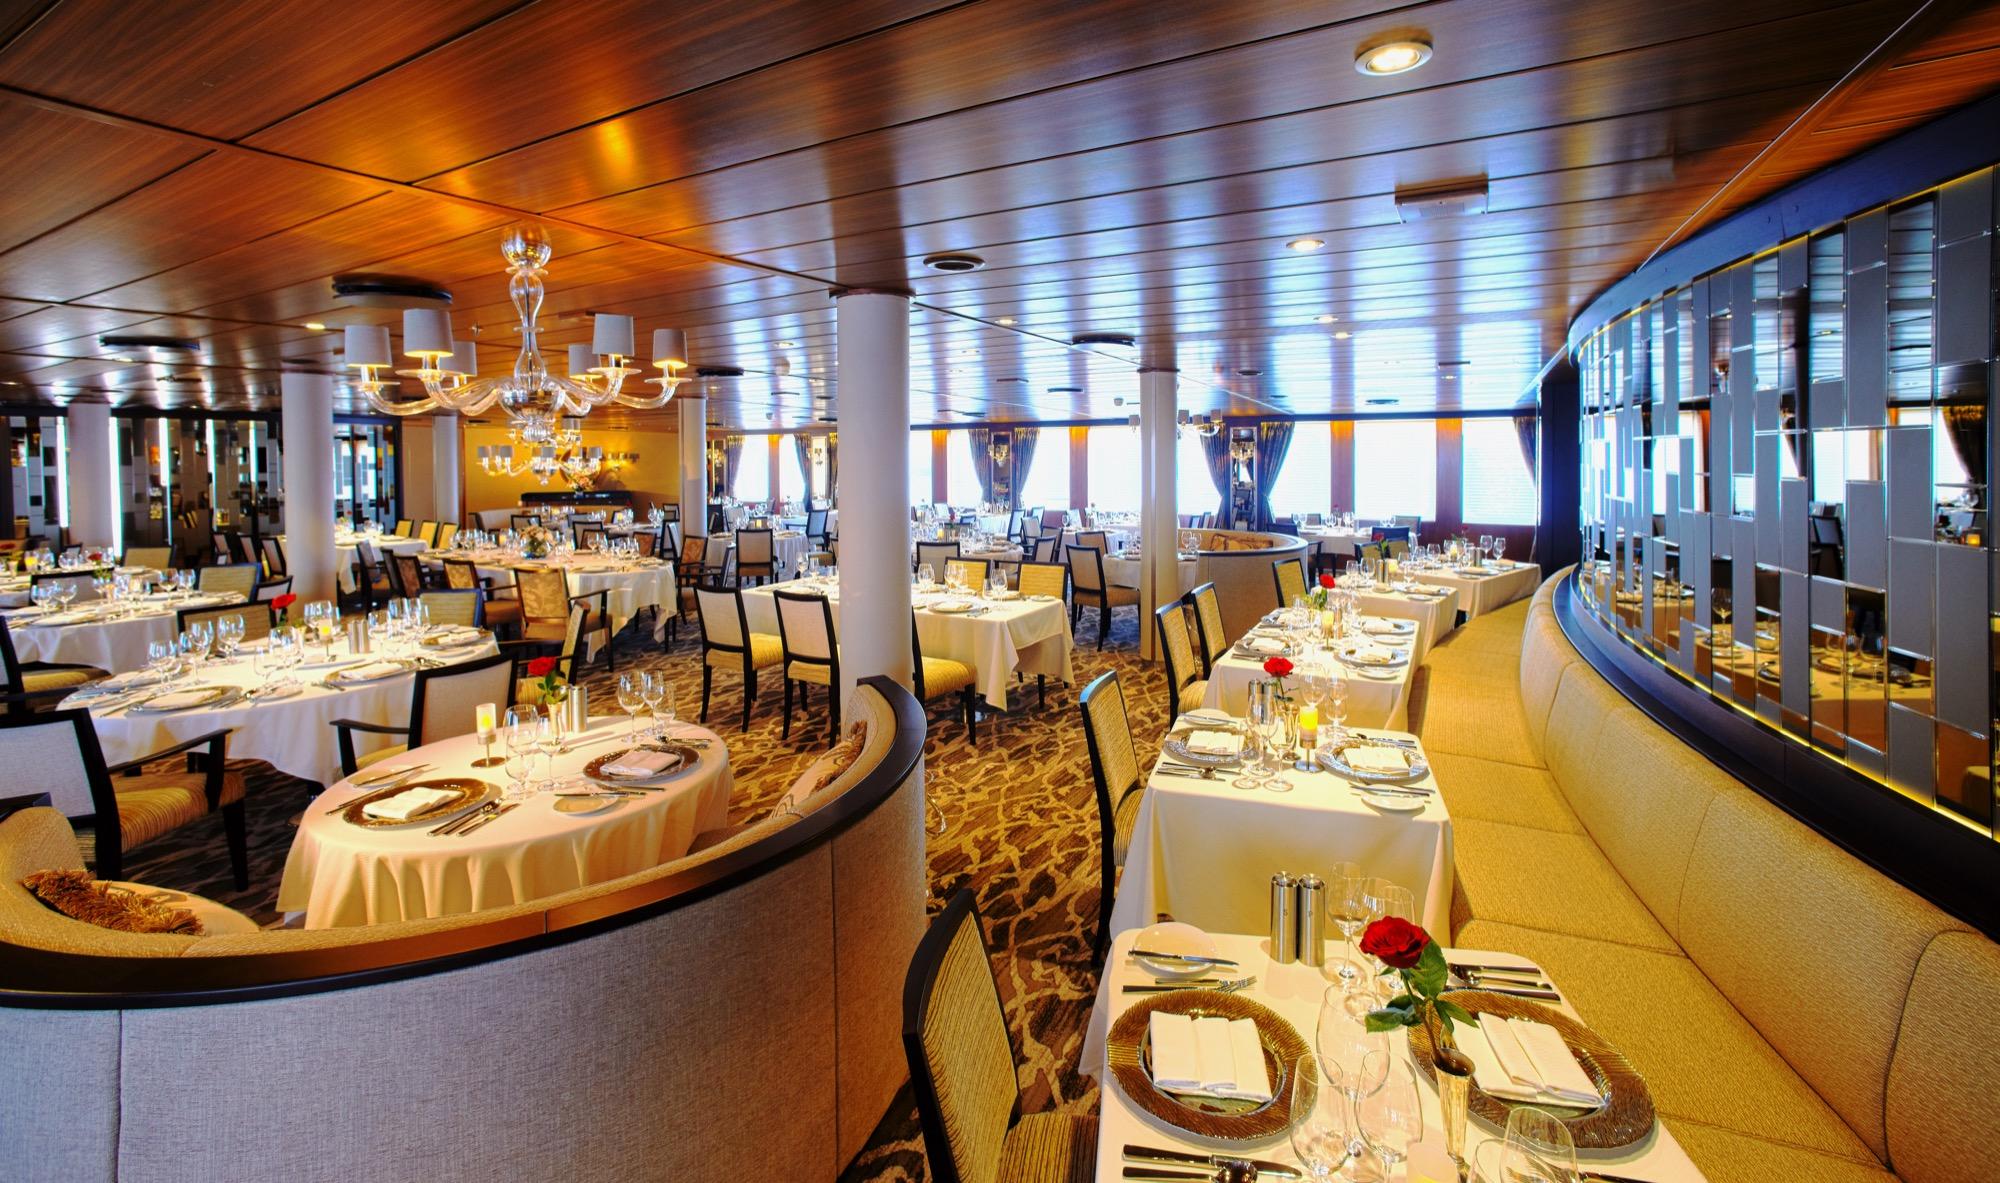 Windstar Wind Star & Wind Spirit Interior AmphorA Restaurant 1.jpg